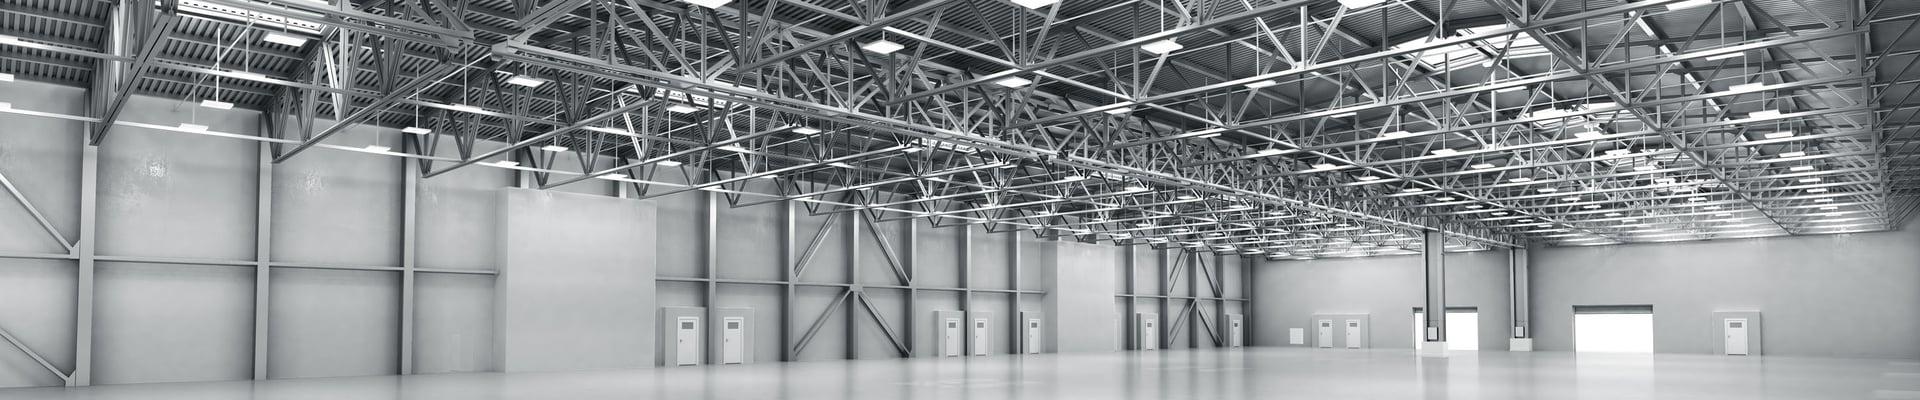 Mieten statt kaufen – mit moderner LED-Lichttechnik Geld und ...